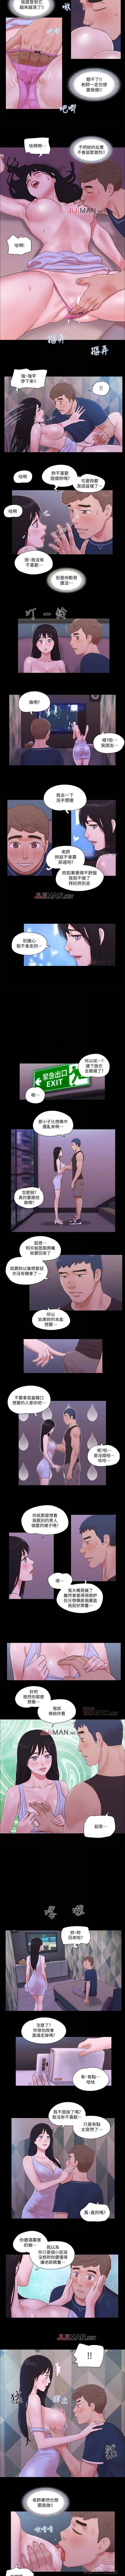 【周五连载】协议换爱(作者:遠德) 第1~62话 222